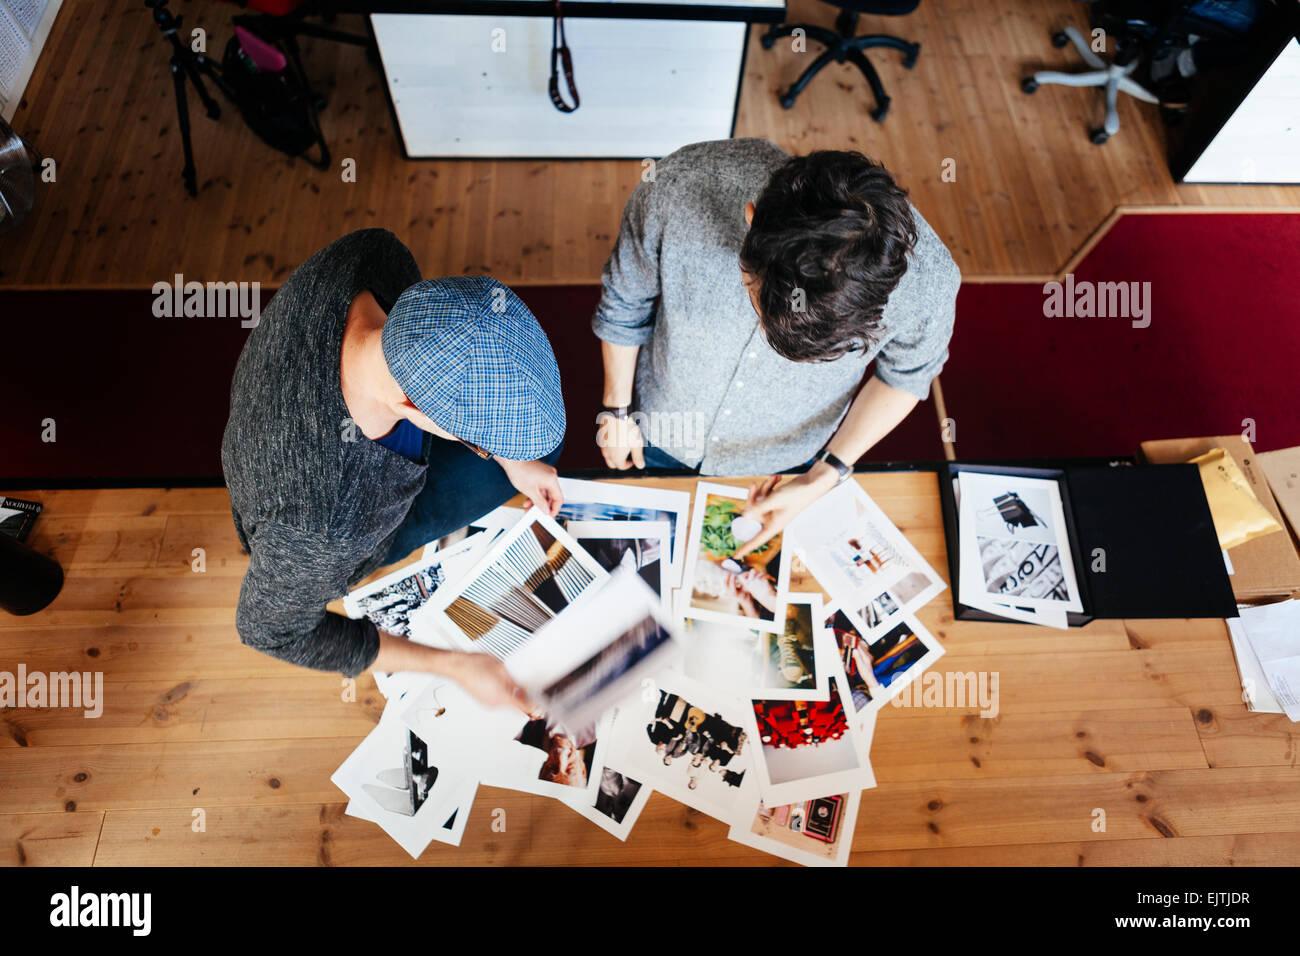 Portrait d'hommes d'affaires l'analyse de photographies at desk in office Photo Stock